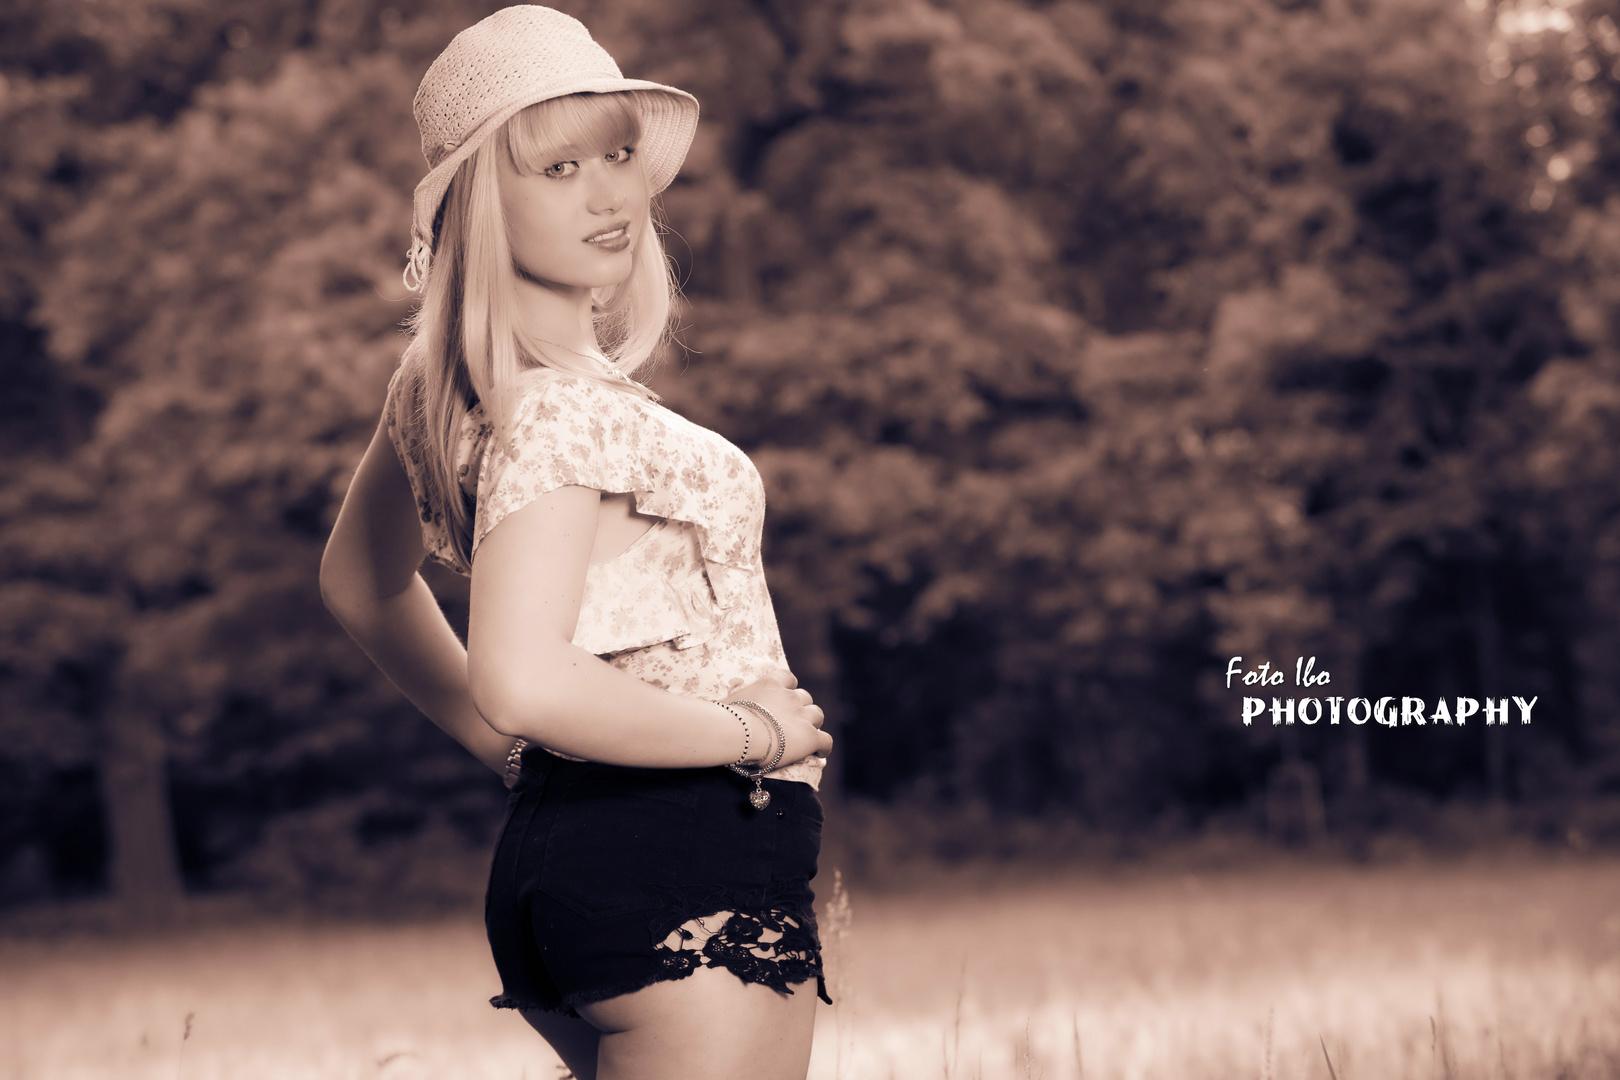 Elena die schöne :)